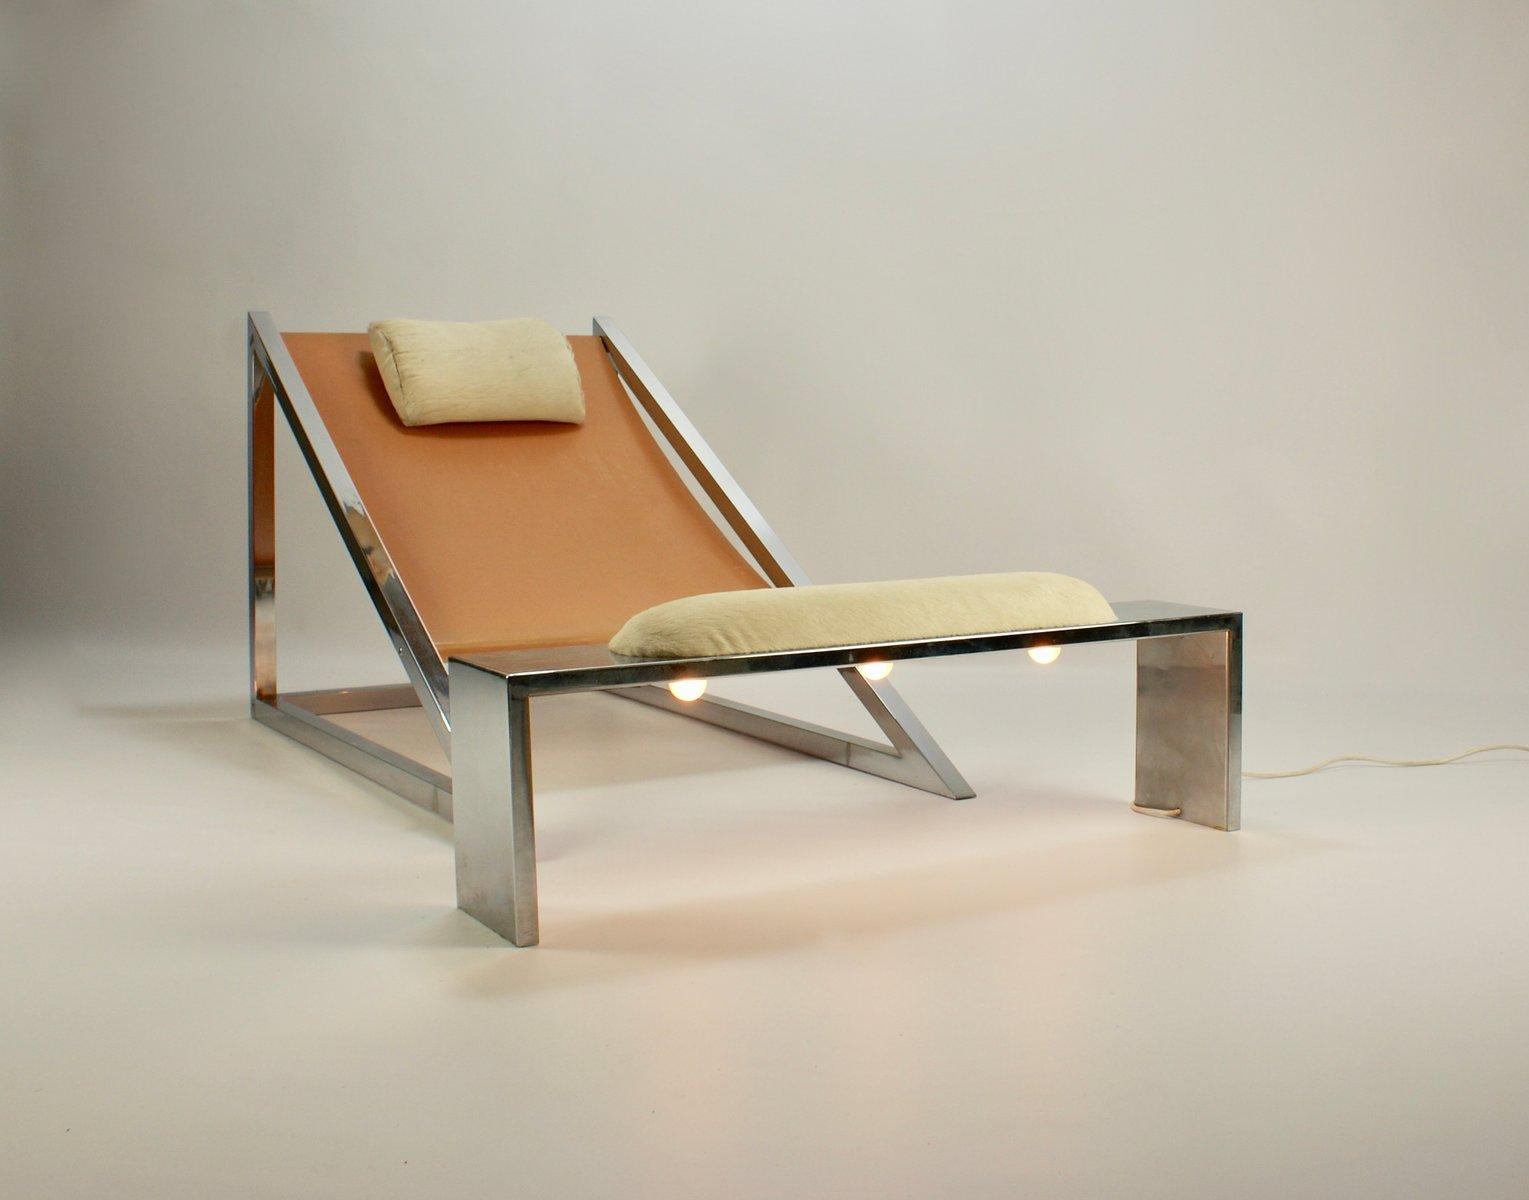 chaise mies avec ottomane par archizoom associati pour poltronova 1969